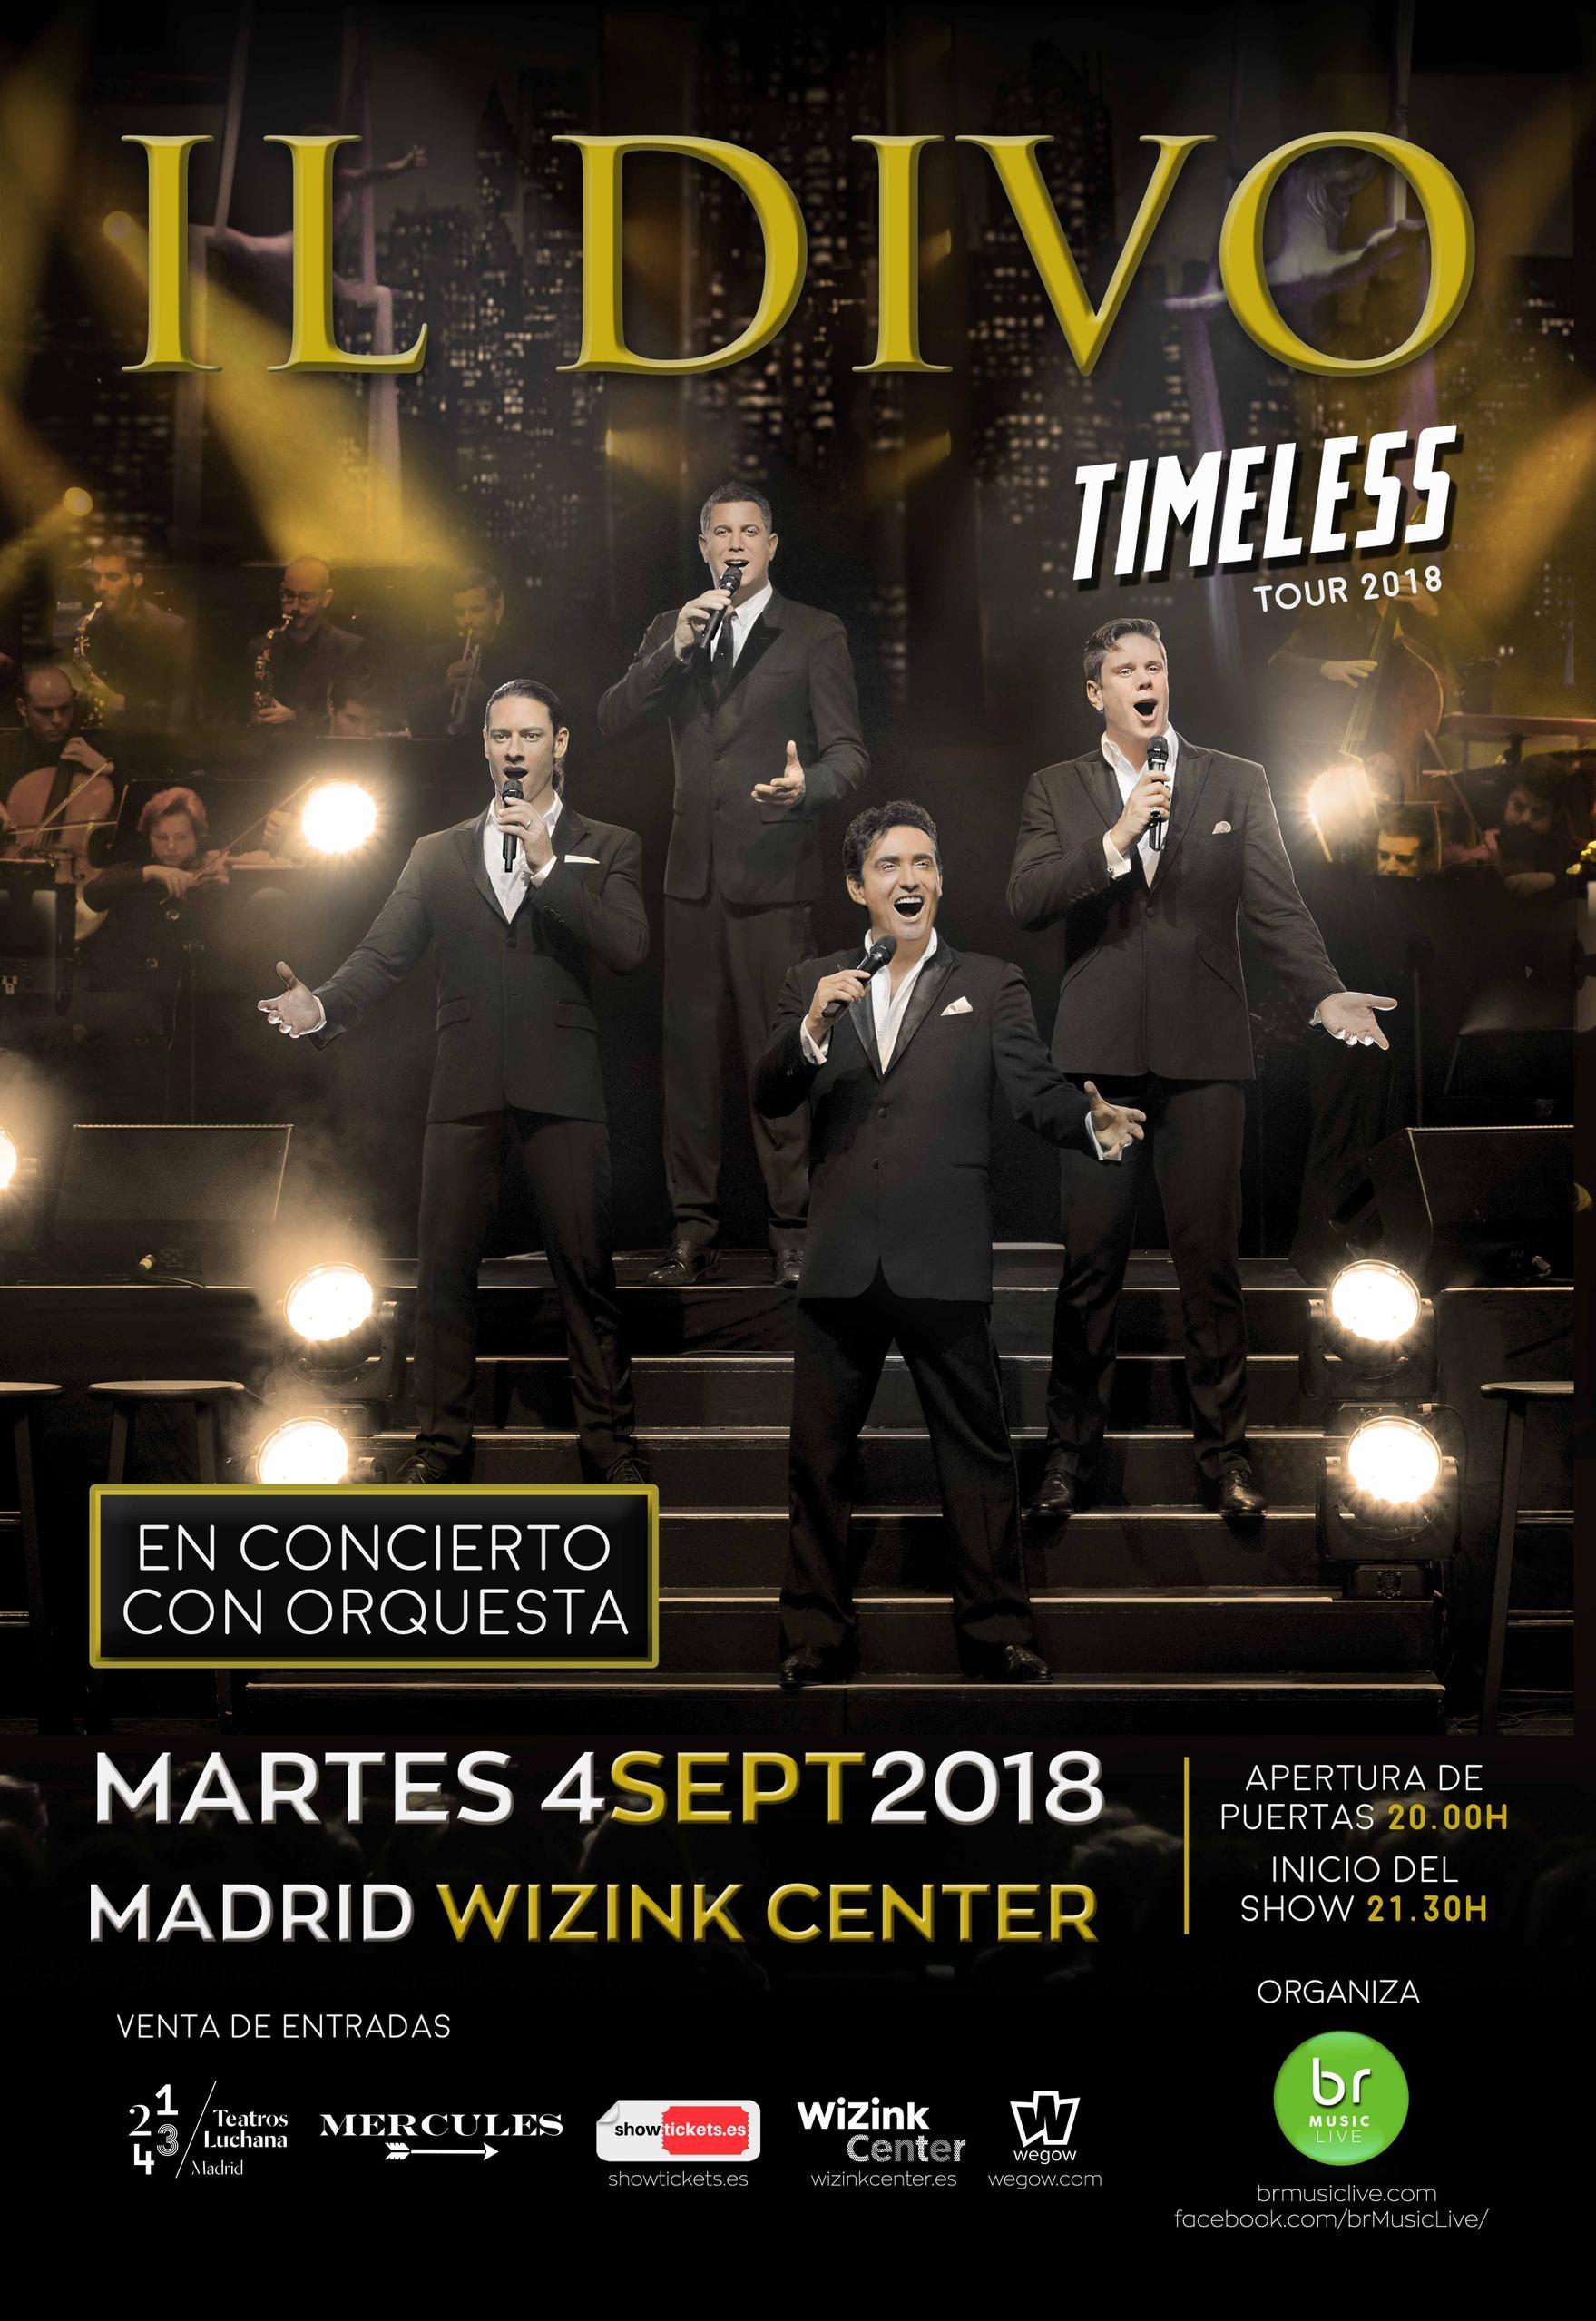 Cartel concierto Il Divo Madrid. Comprar entradas Il Divo en Madrid. Entradas Il Divo en España